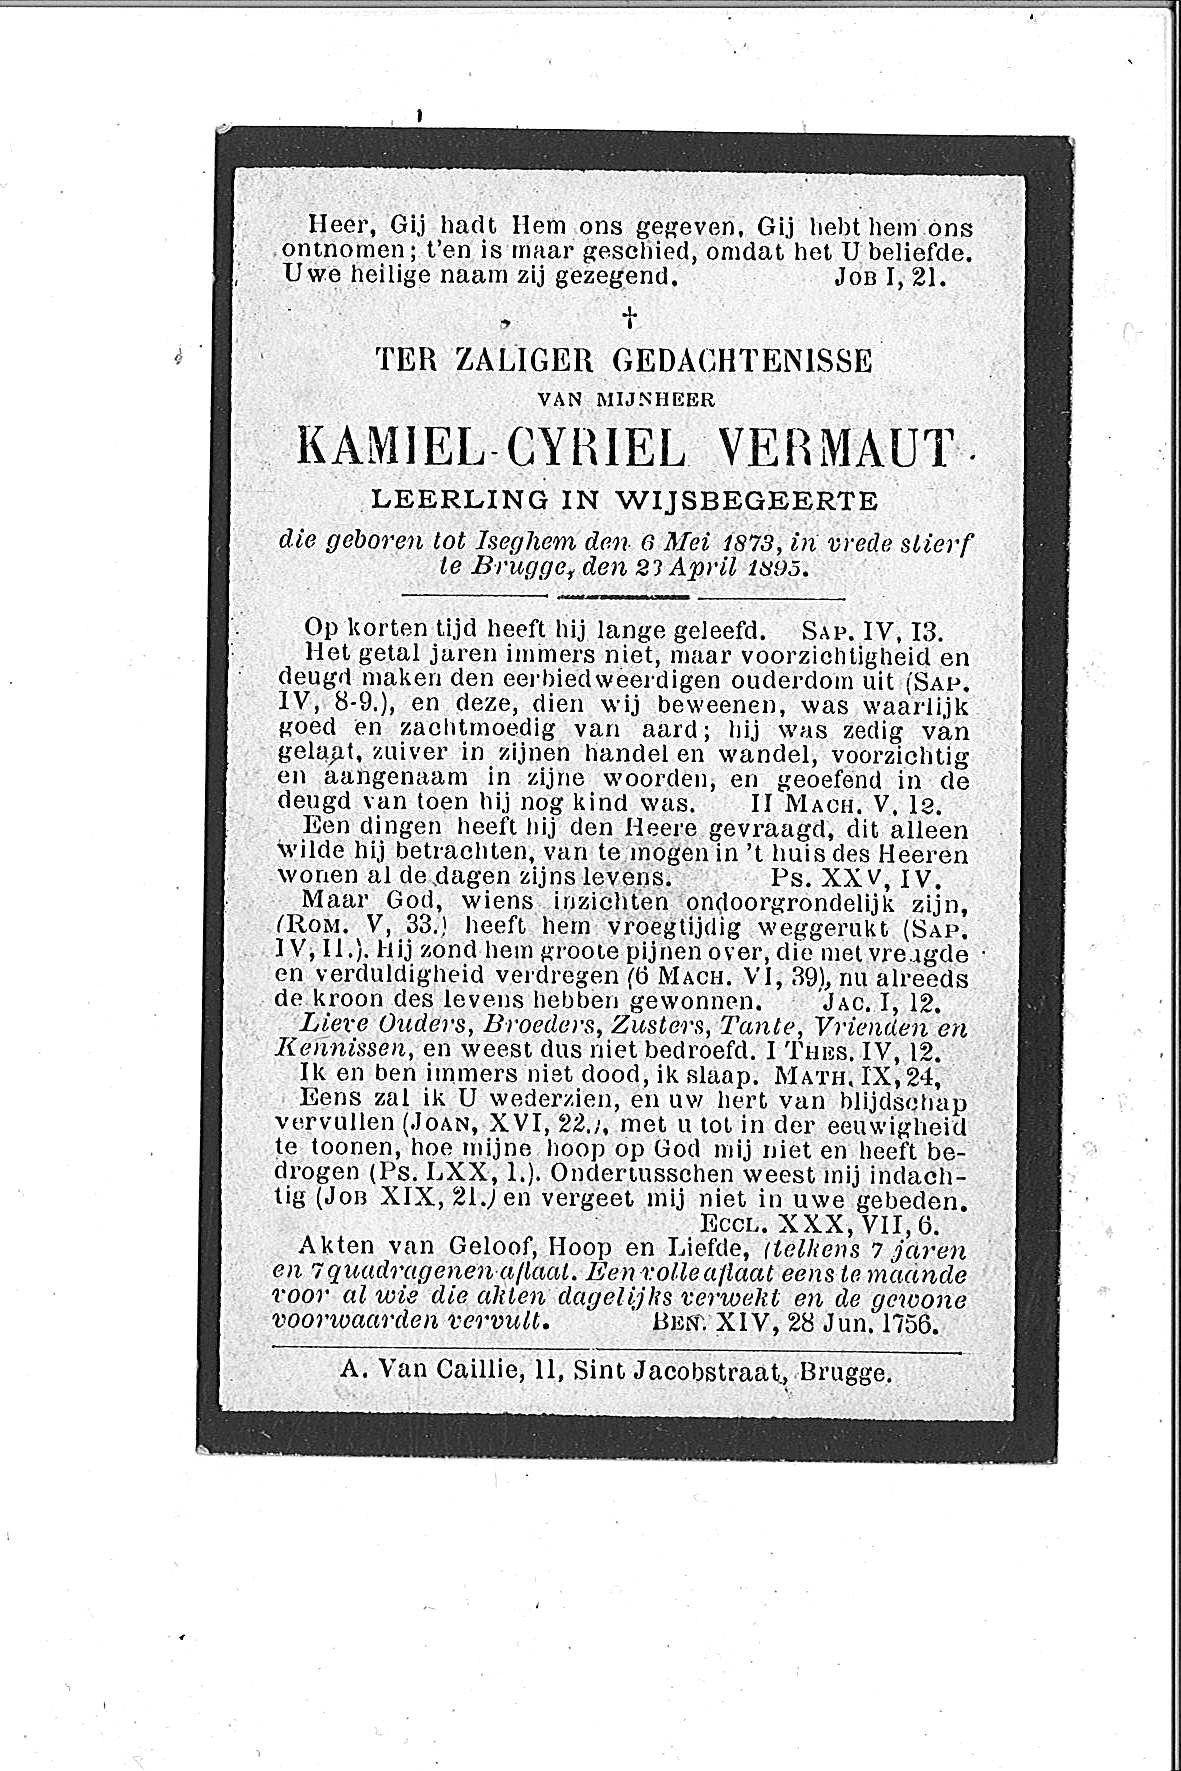 Kamiel-Cyriel(1895)20141210102121_00016.jpg